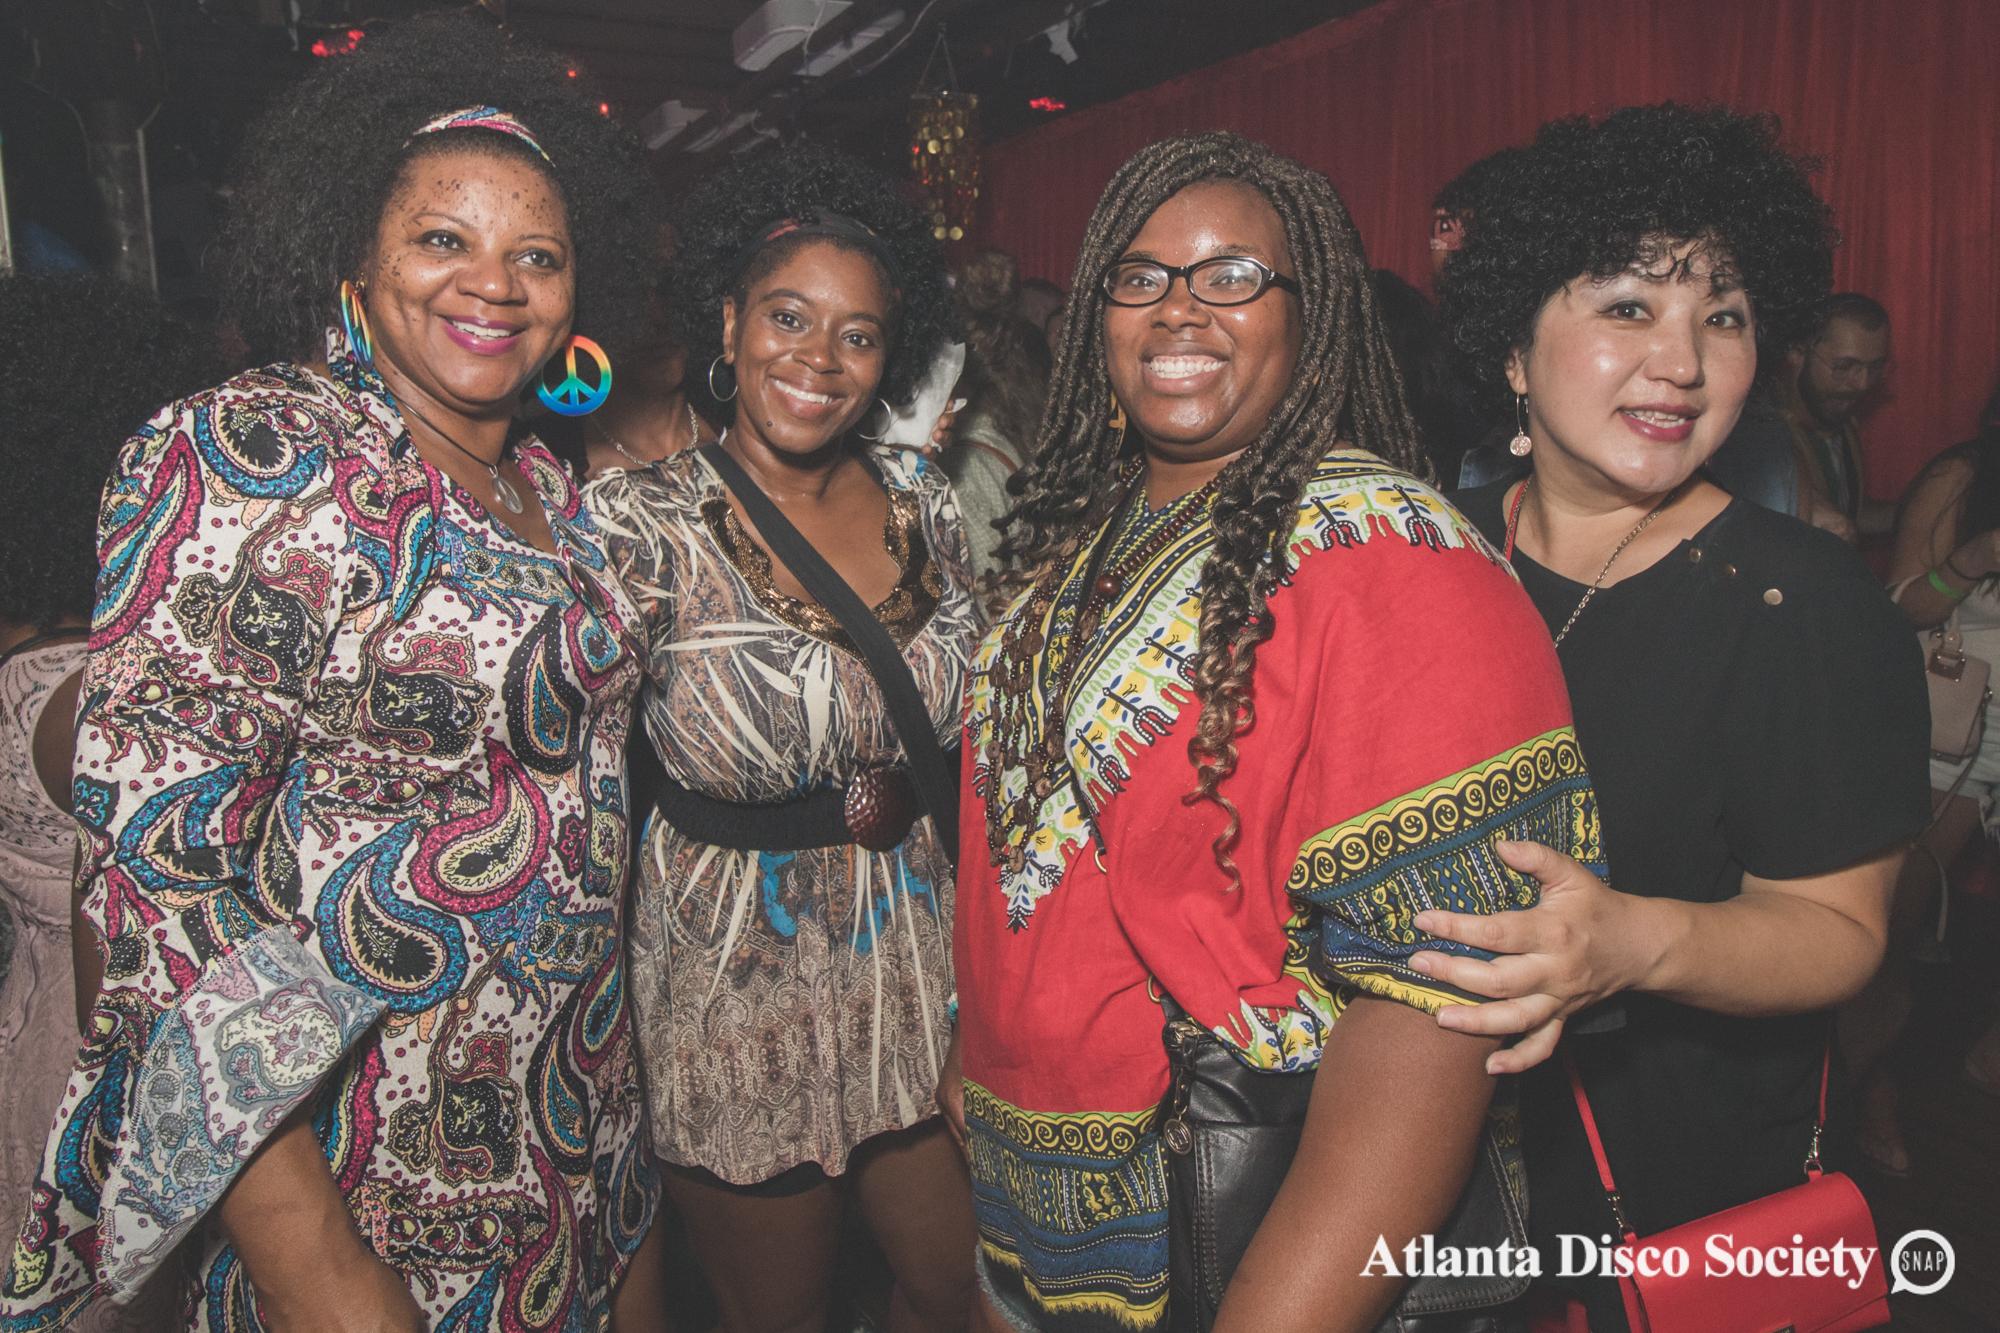 35Atlanta Disco Society Grace Kelly Oh Snap Kid 7.27.19.jpg